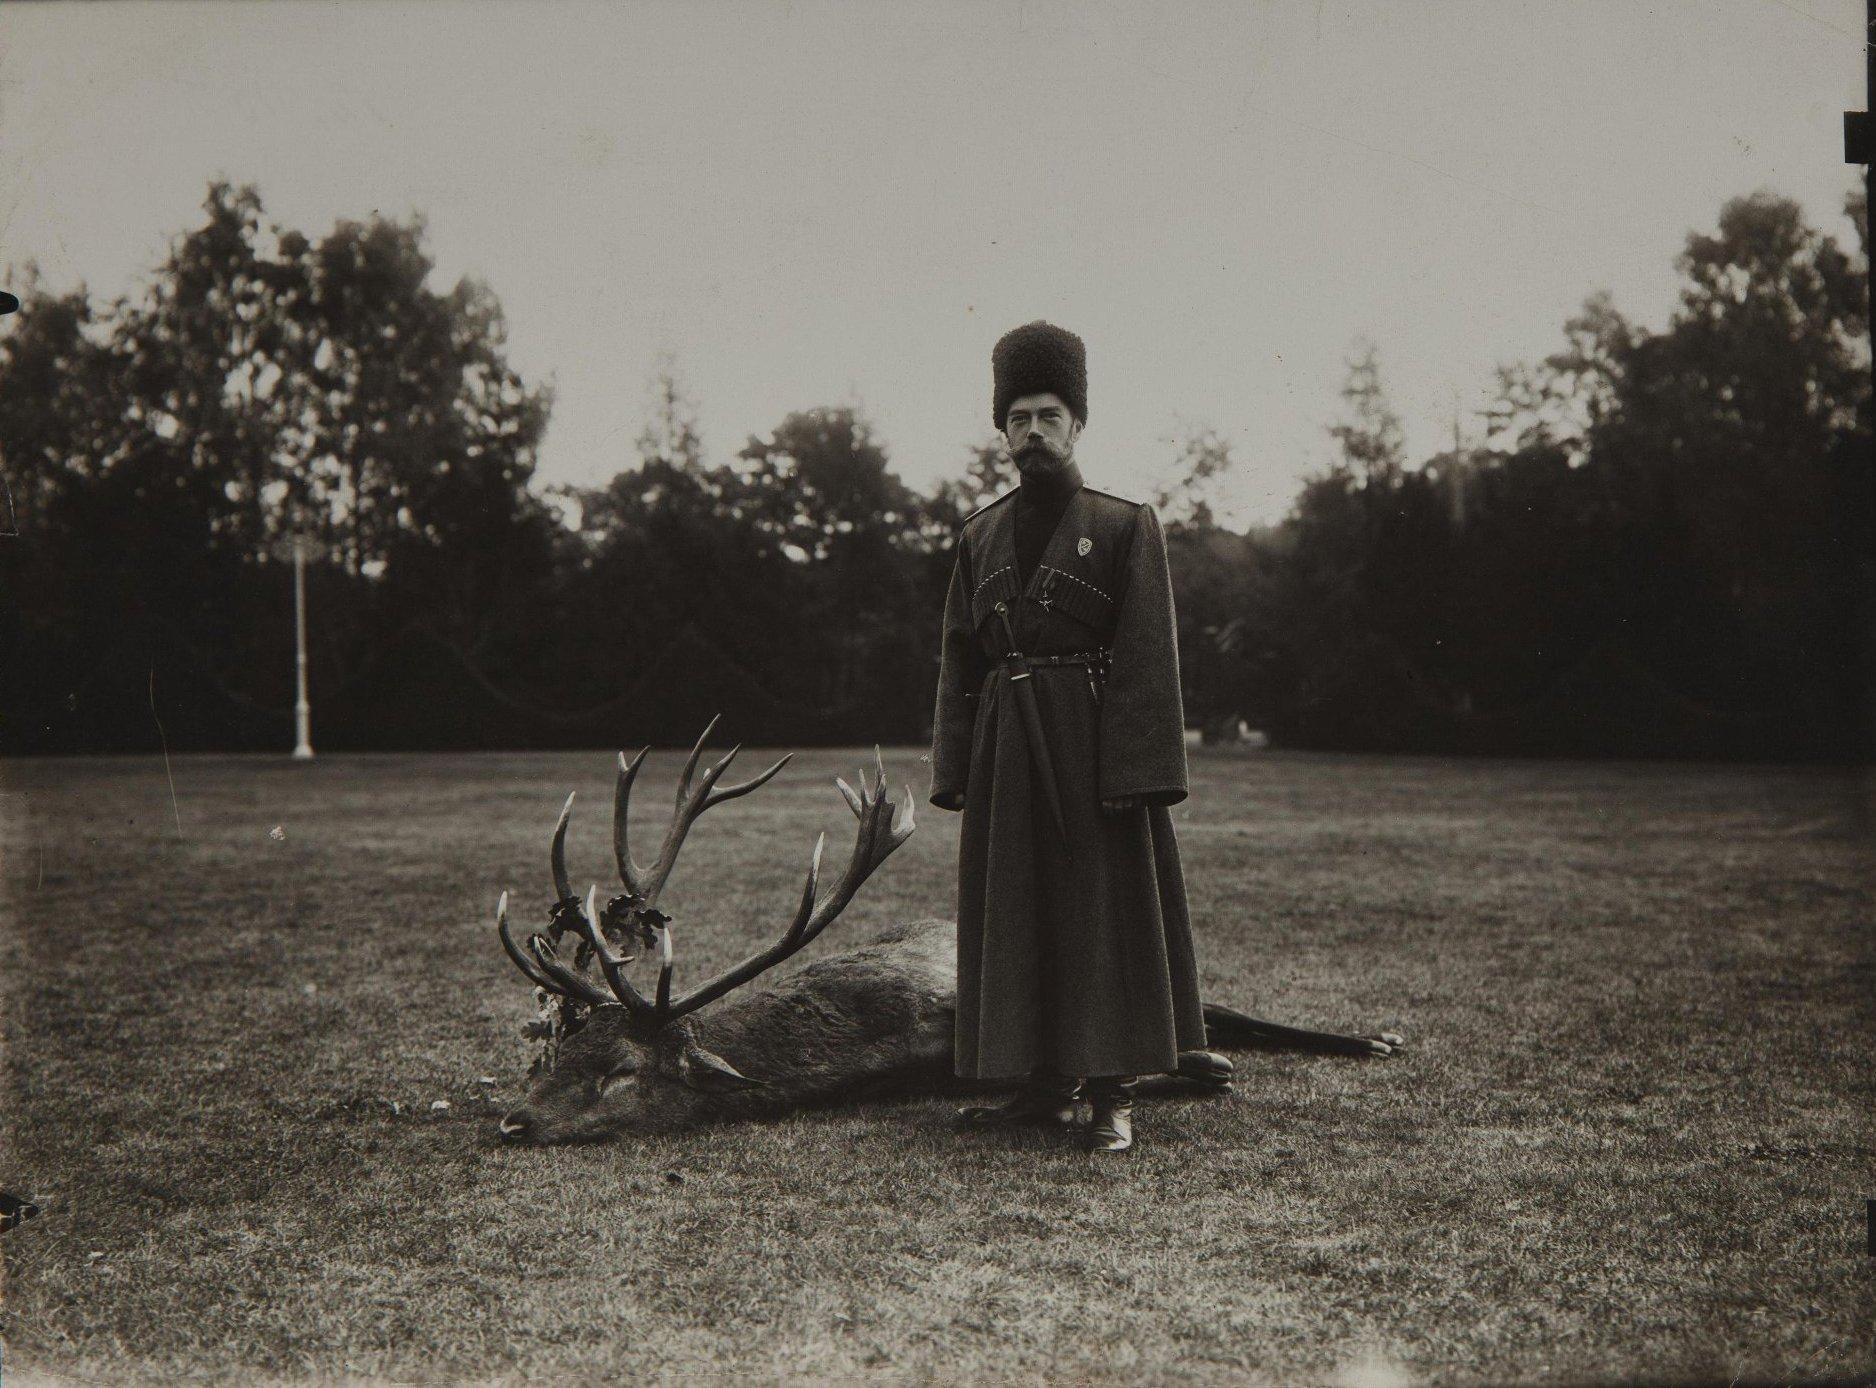 1912. Император Николай II около убитого оленя